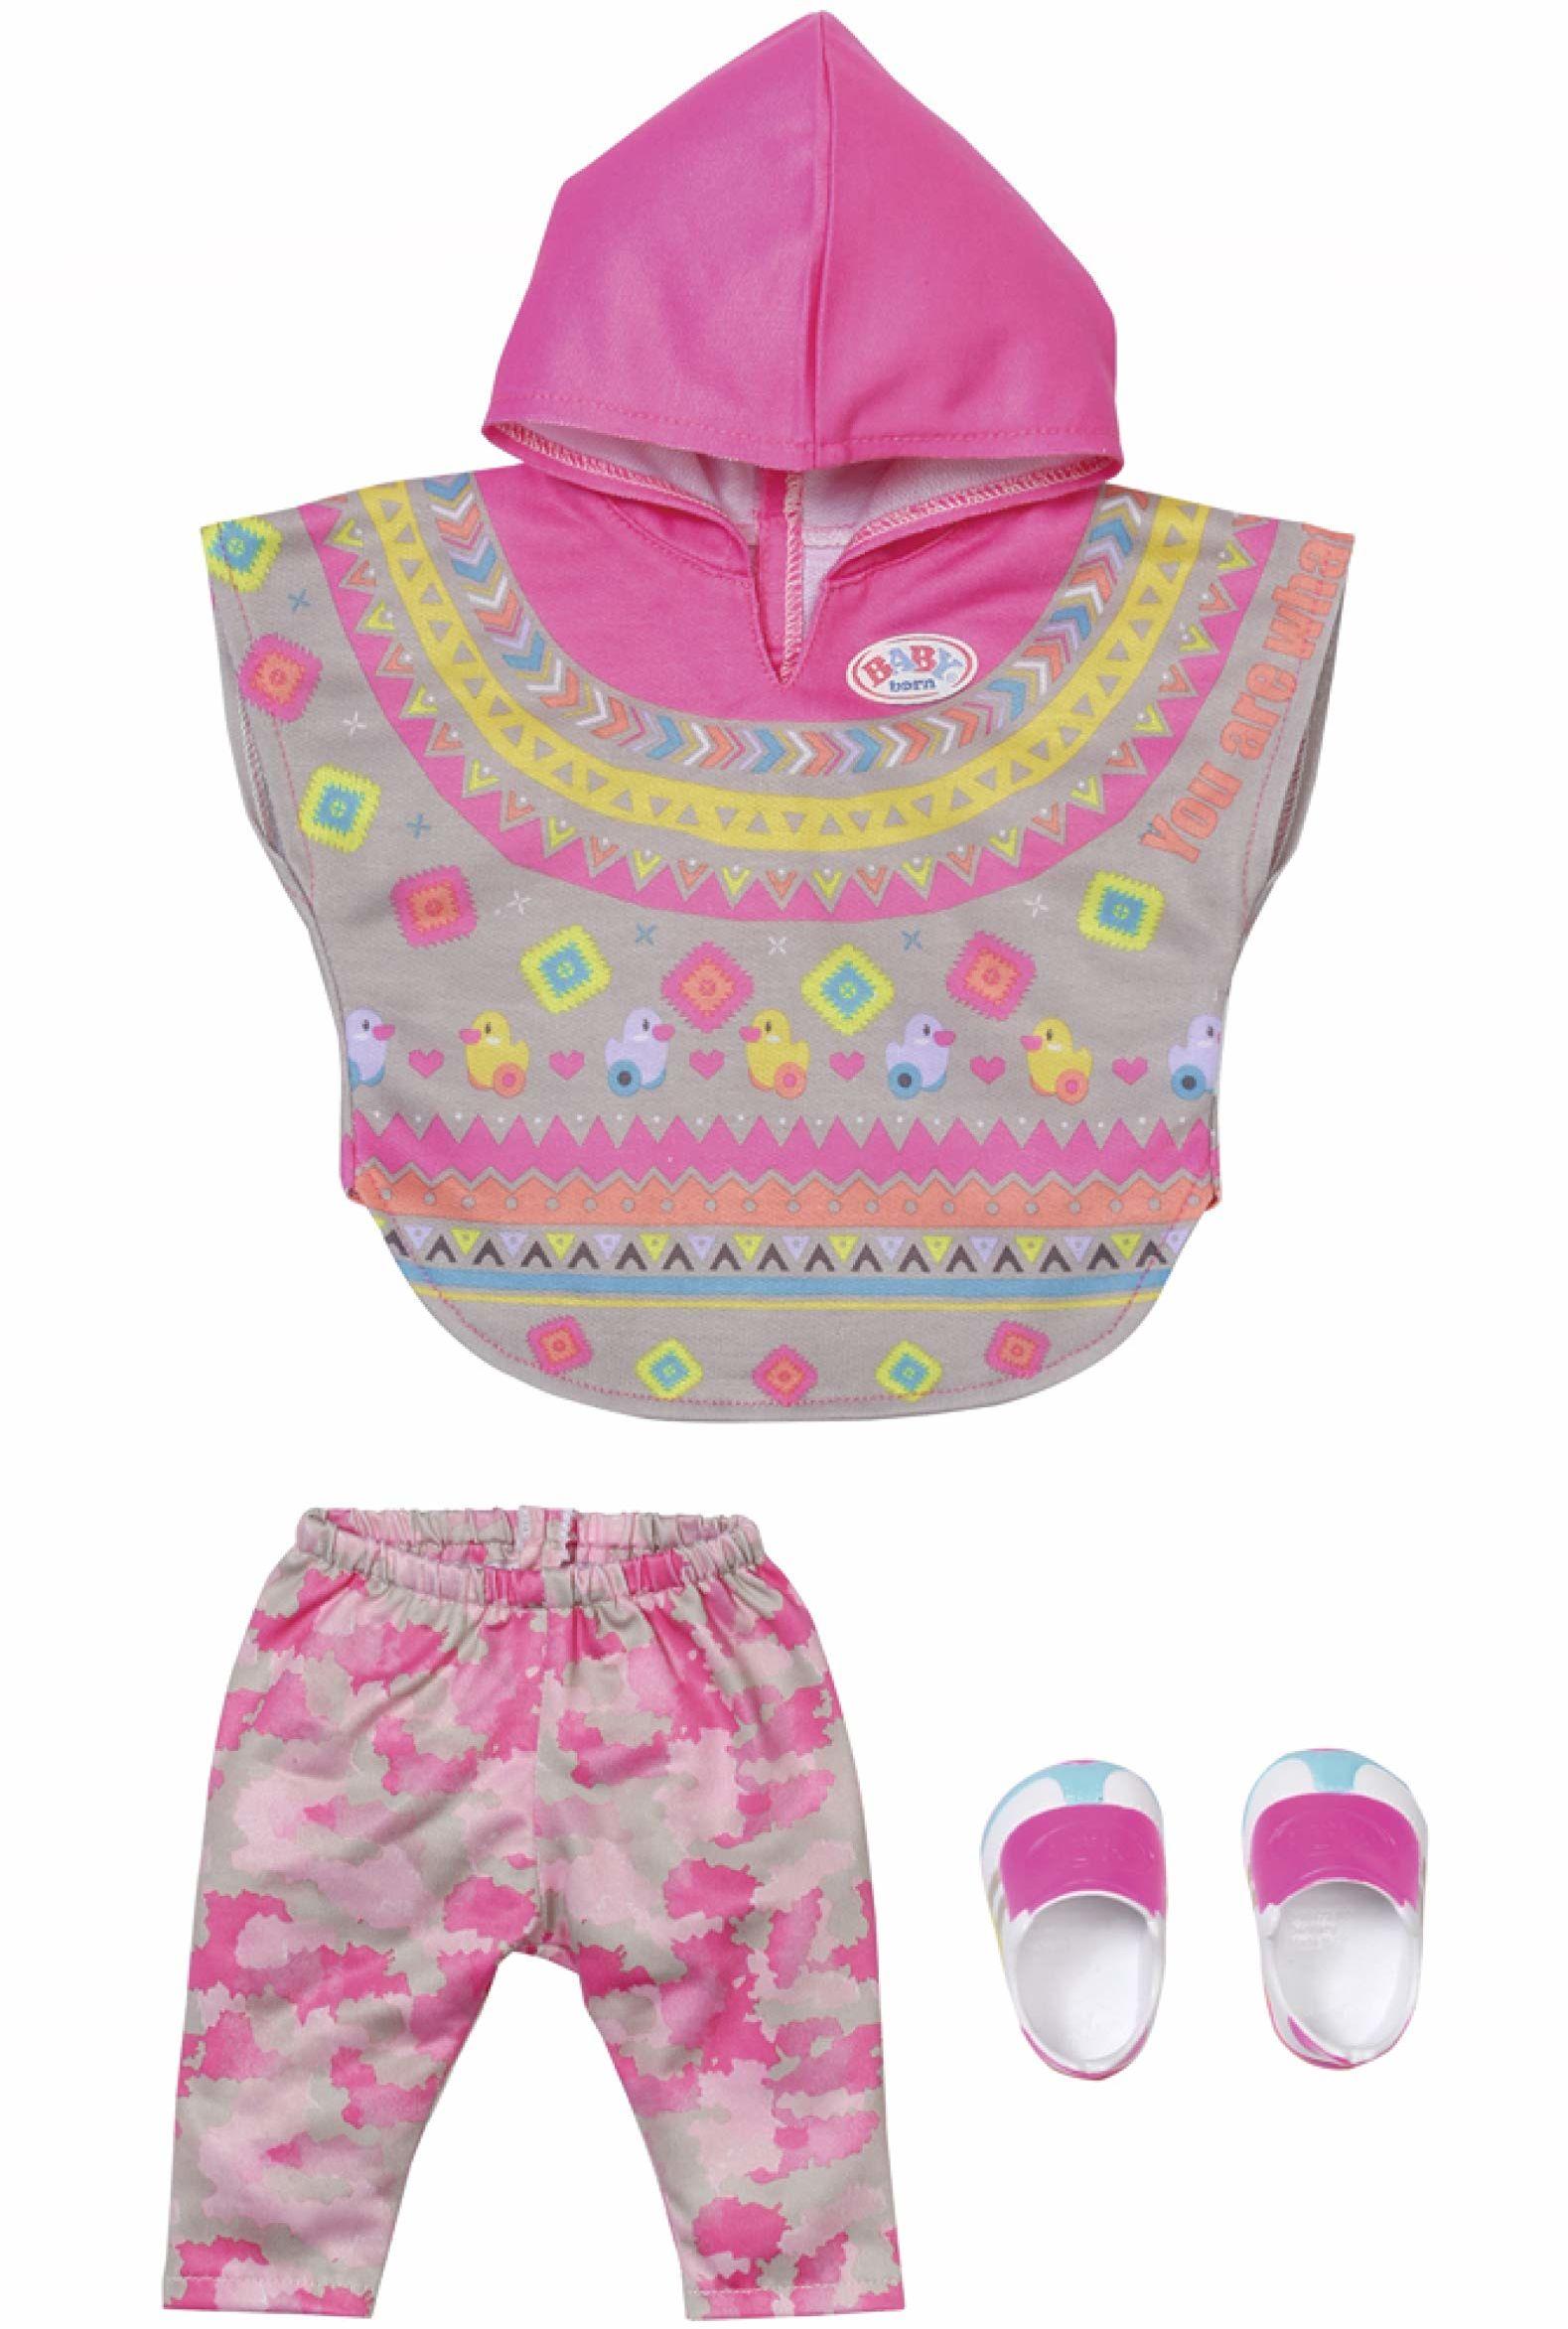 BABY born Deluxe modne ponczo dla lalki 43 cm - łatwe dla małych rąk, kreatywna zabawa promuje empatię i umiejętności społeczne, dla małych dzieci od 3 lat i więcej - zawiera ponczo, spodnie i buty